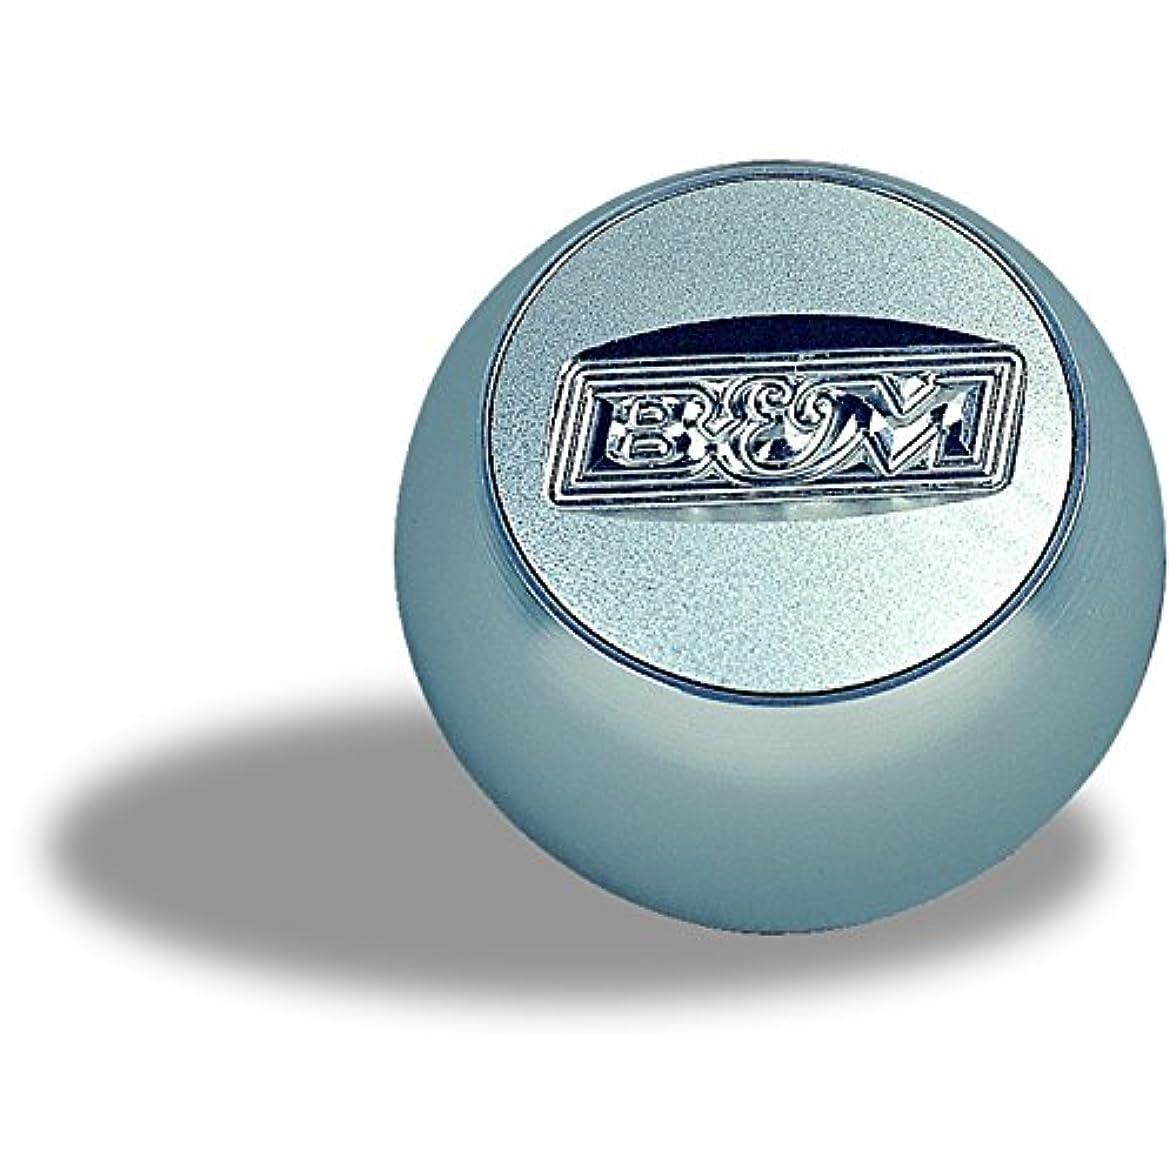 進行中インデックスタイピストB&M 80534の鋼片の水銀の手動伝達転位のノブ